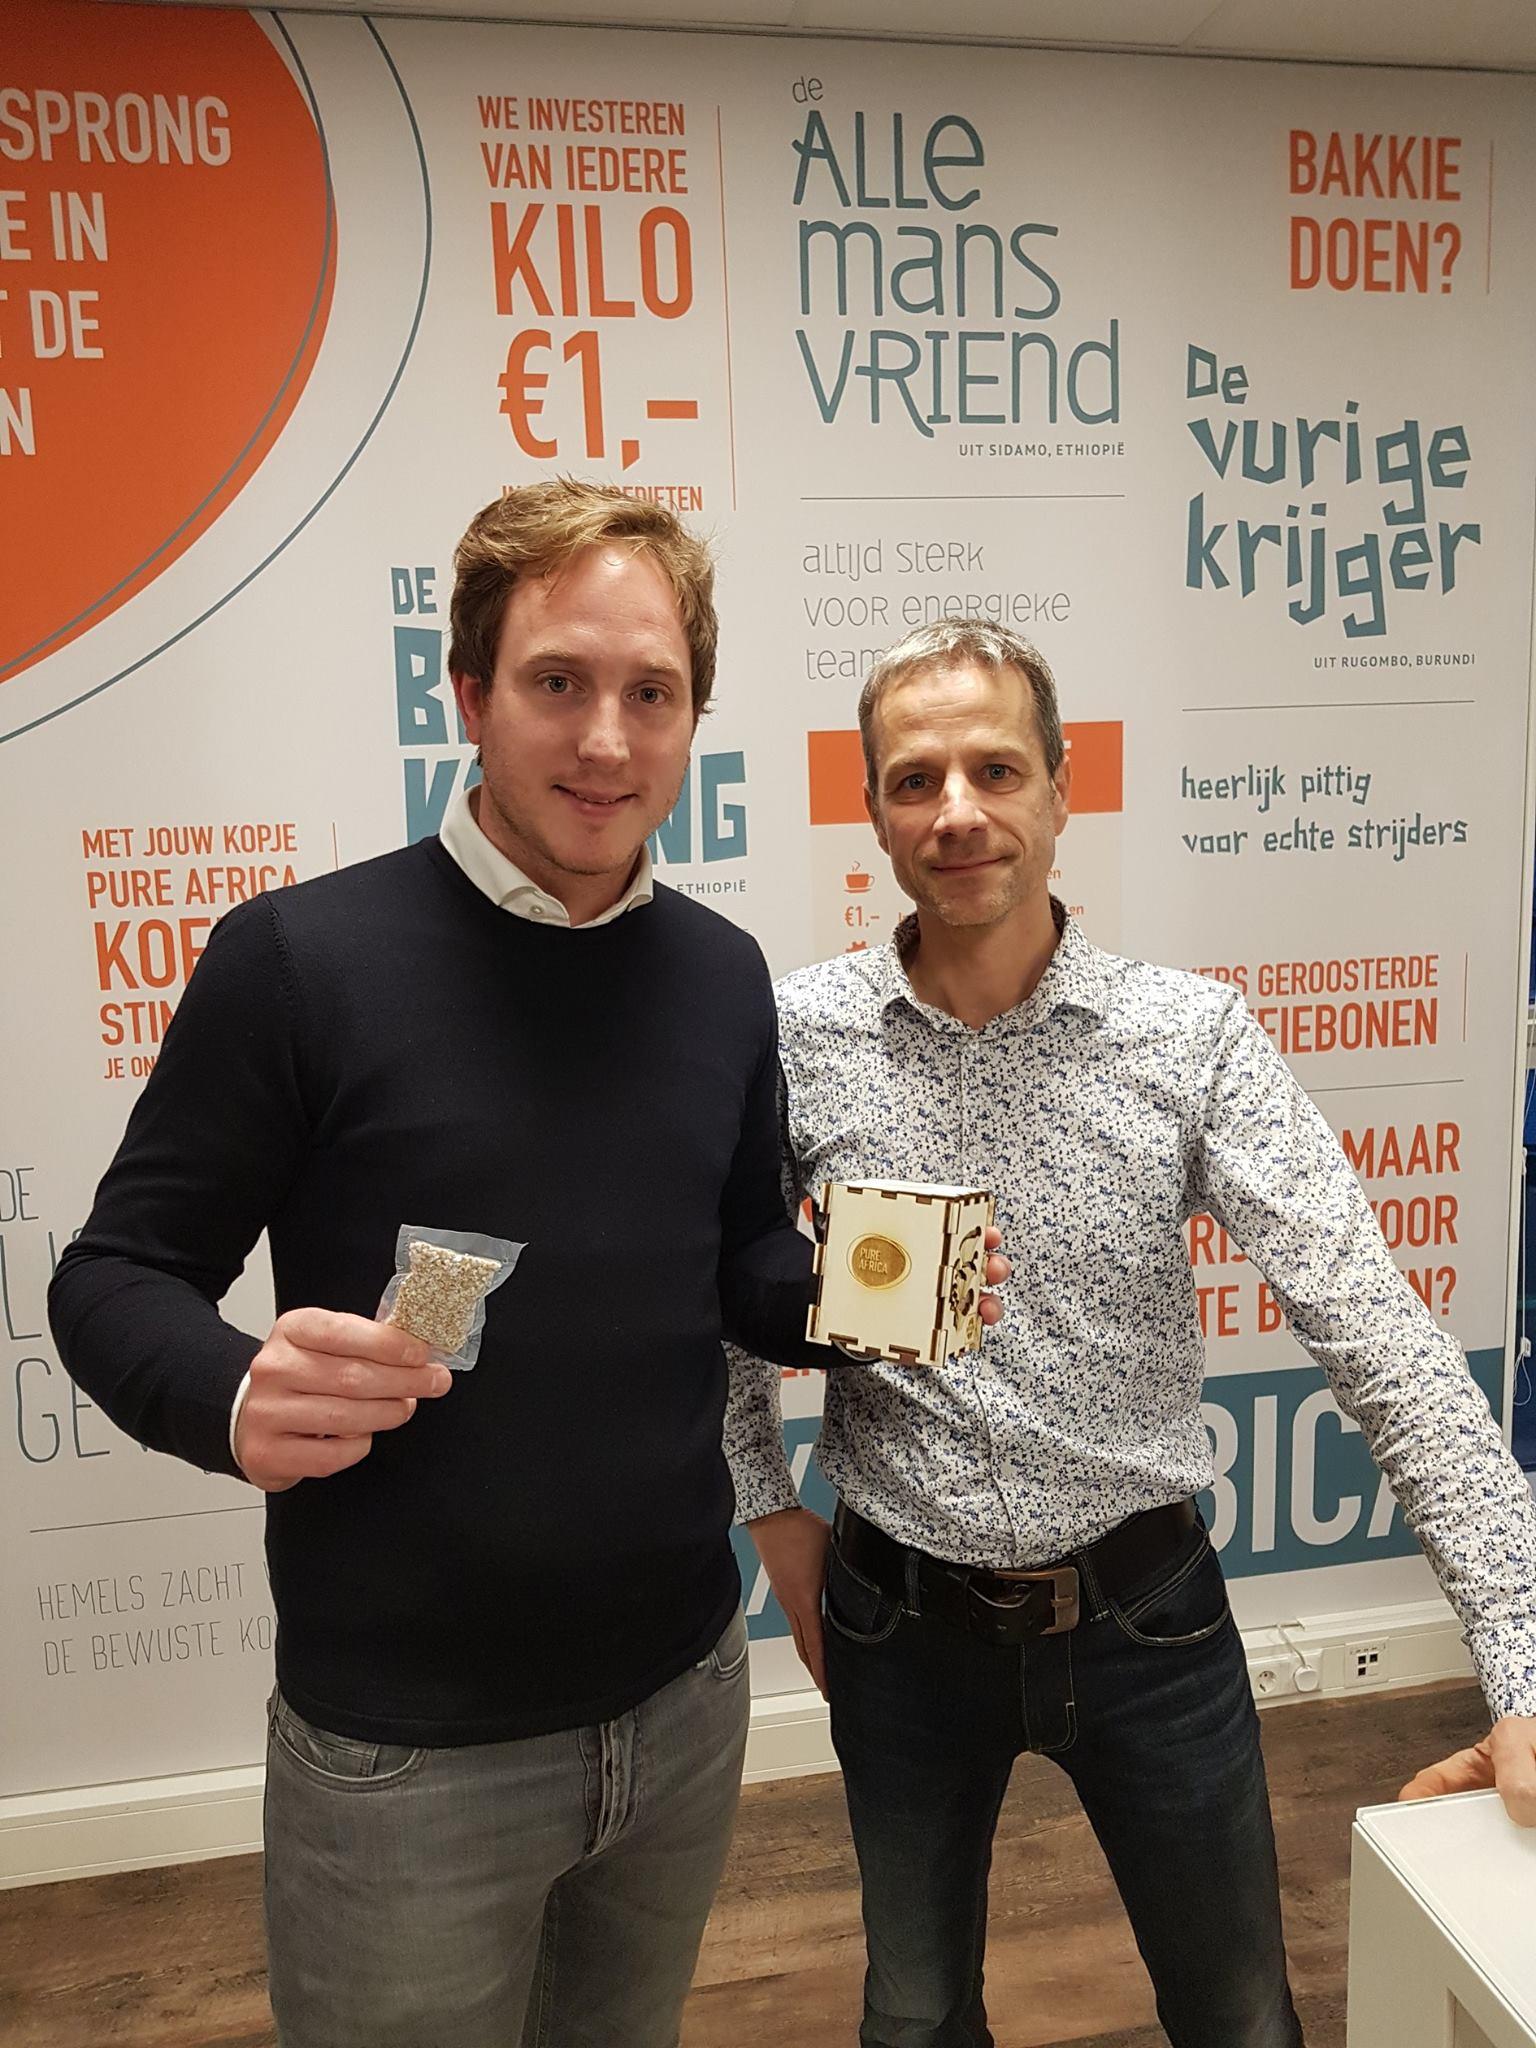 oesterzwammen kweken op Pure Africa koffieresidu met hulp van MKB Deventer